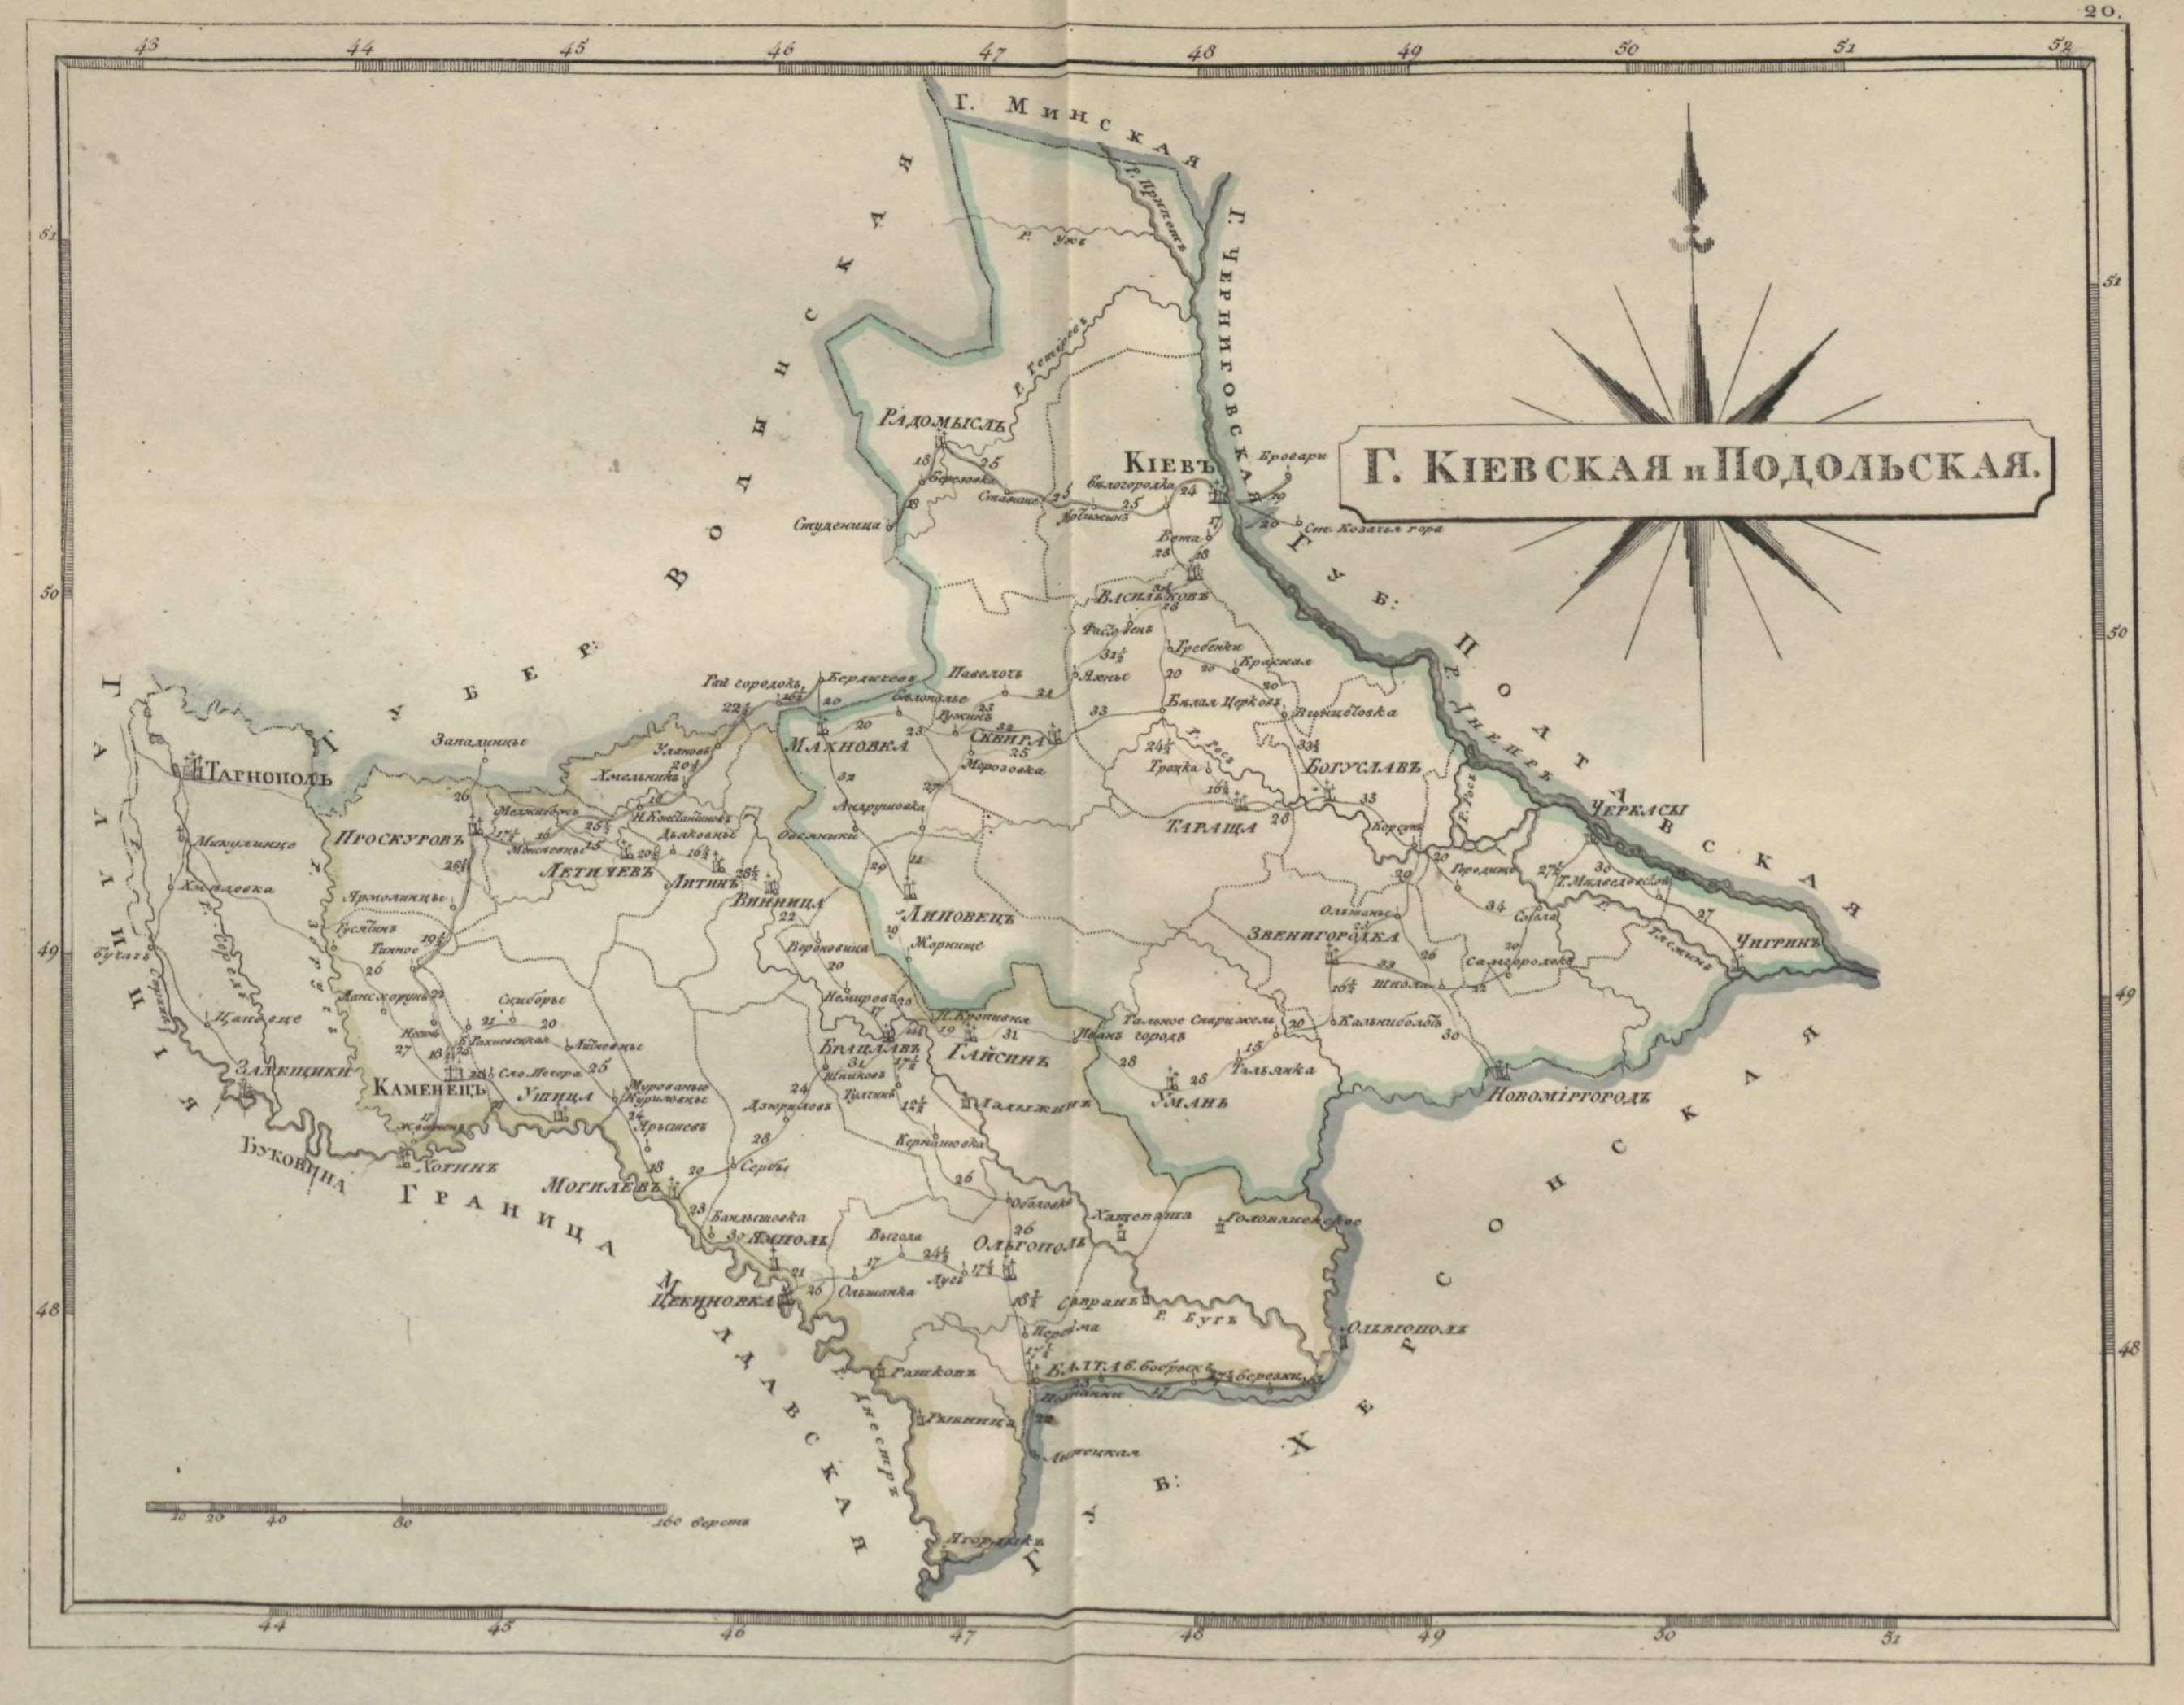 Киевская и Подольская губернии